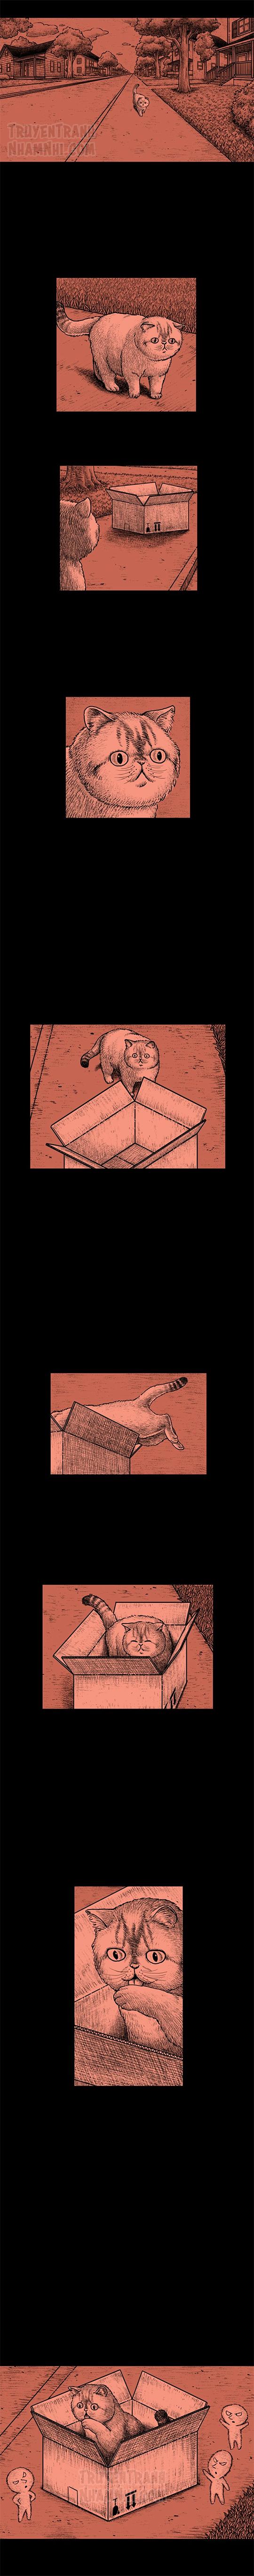 Hắc Ám Truyện #135: Hộp cạc tông (2)